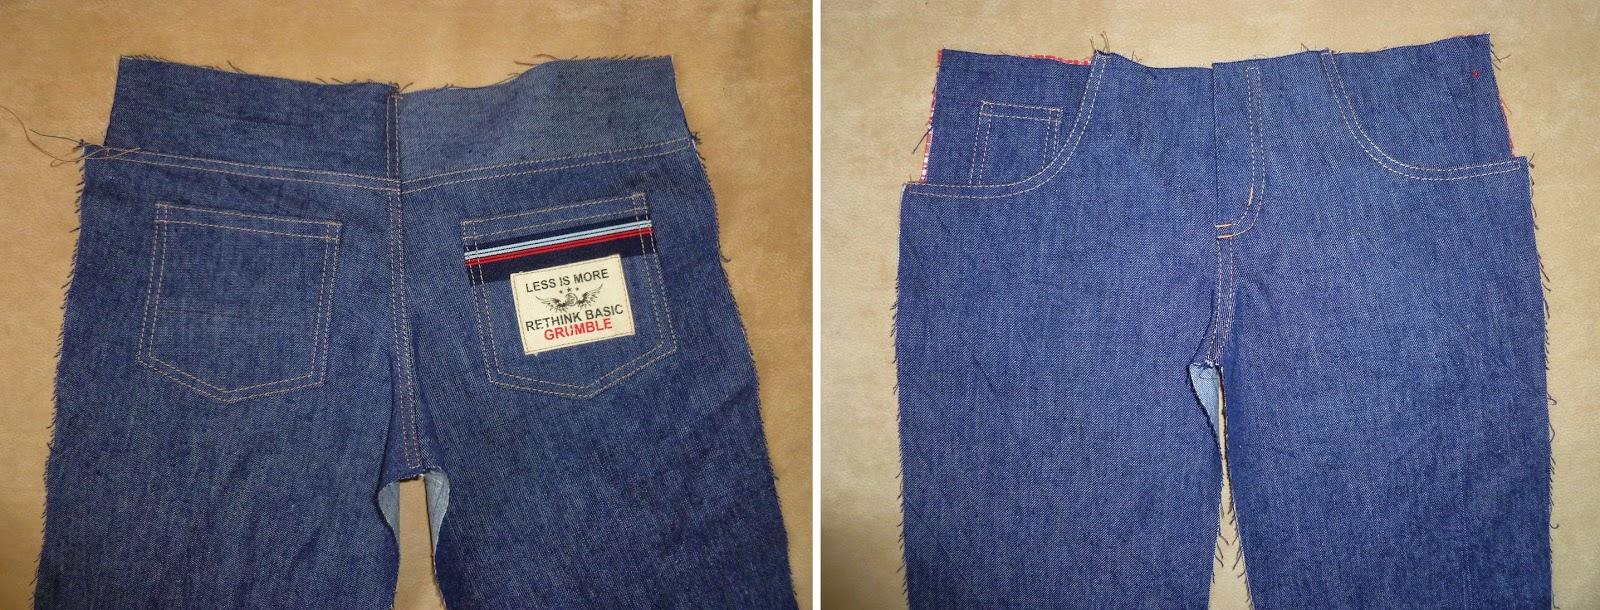 Как сшить джинсы своими руками с фото 934